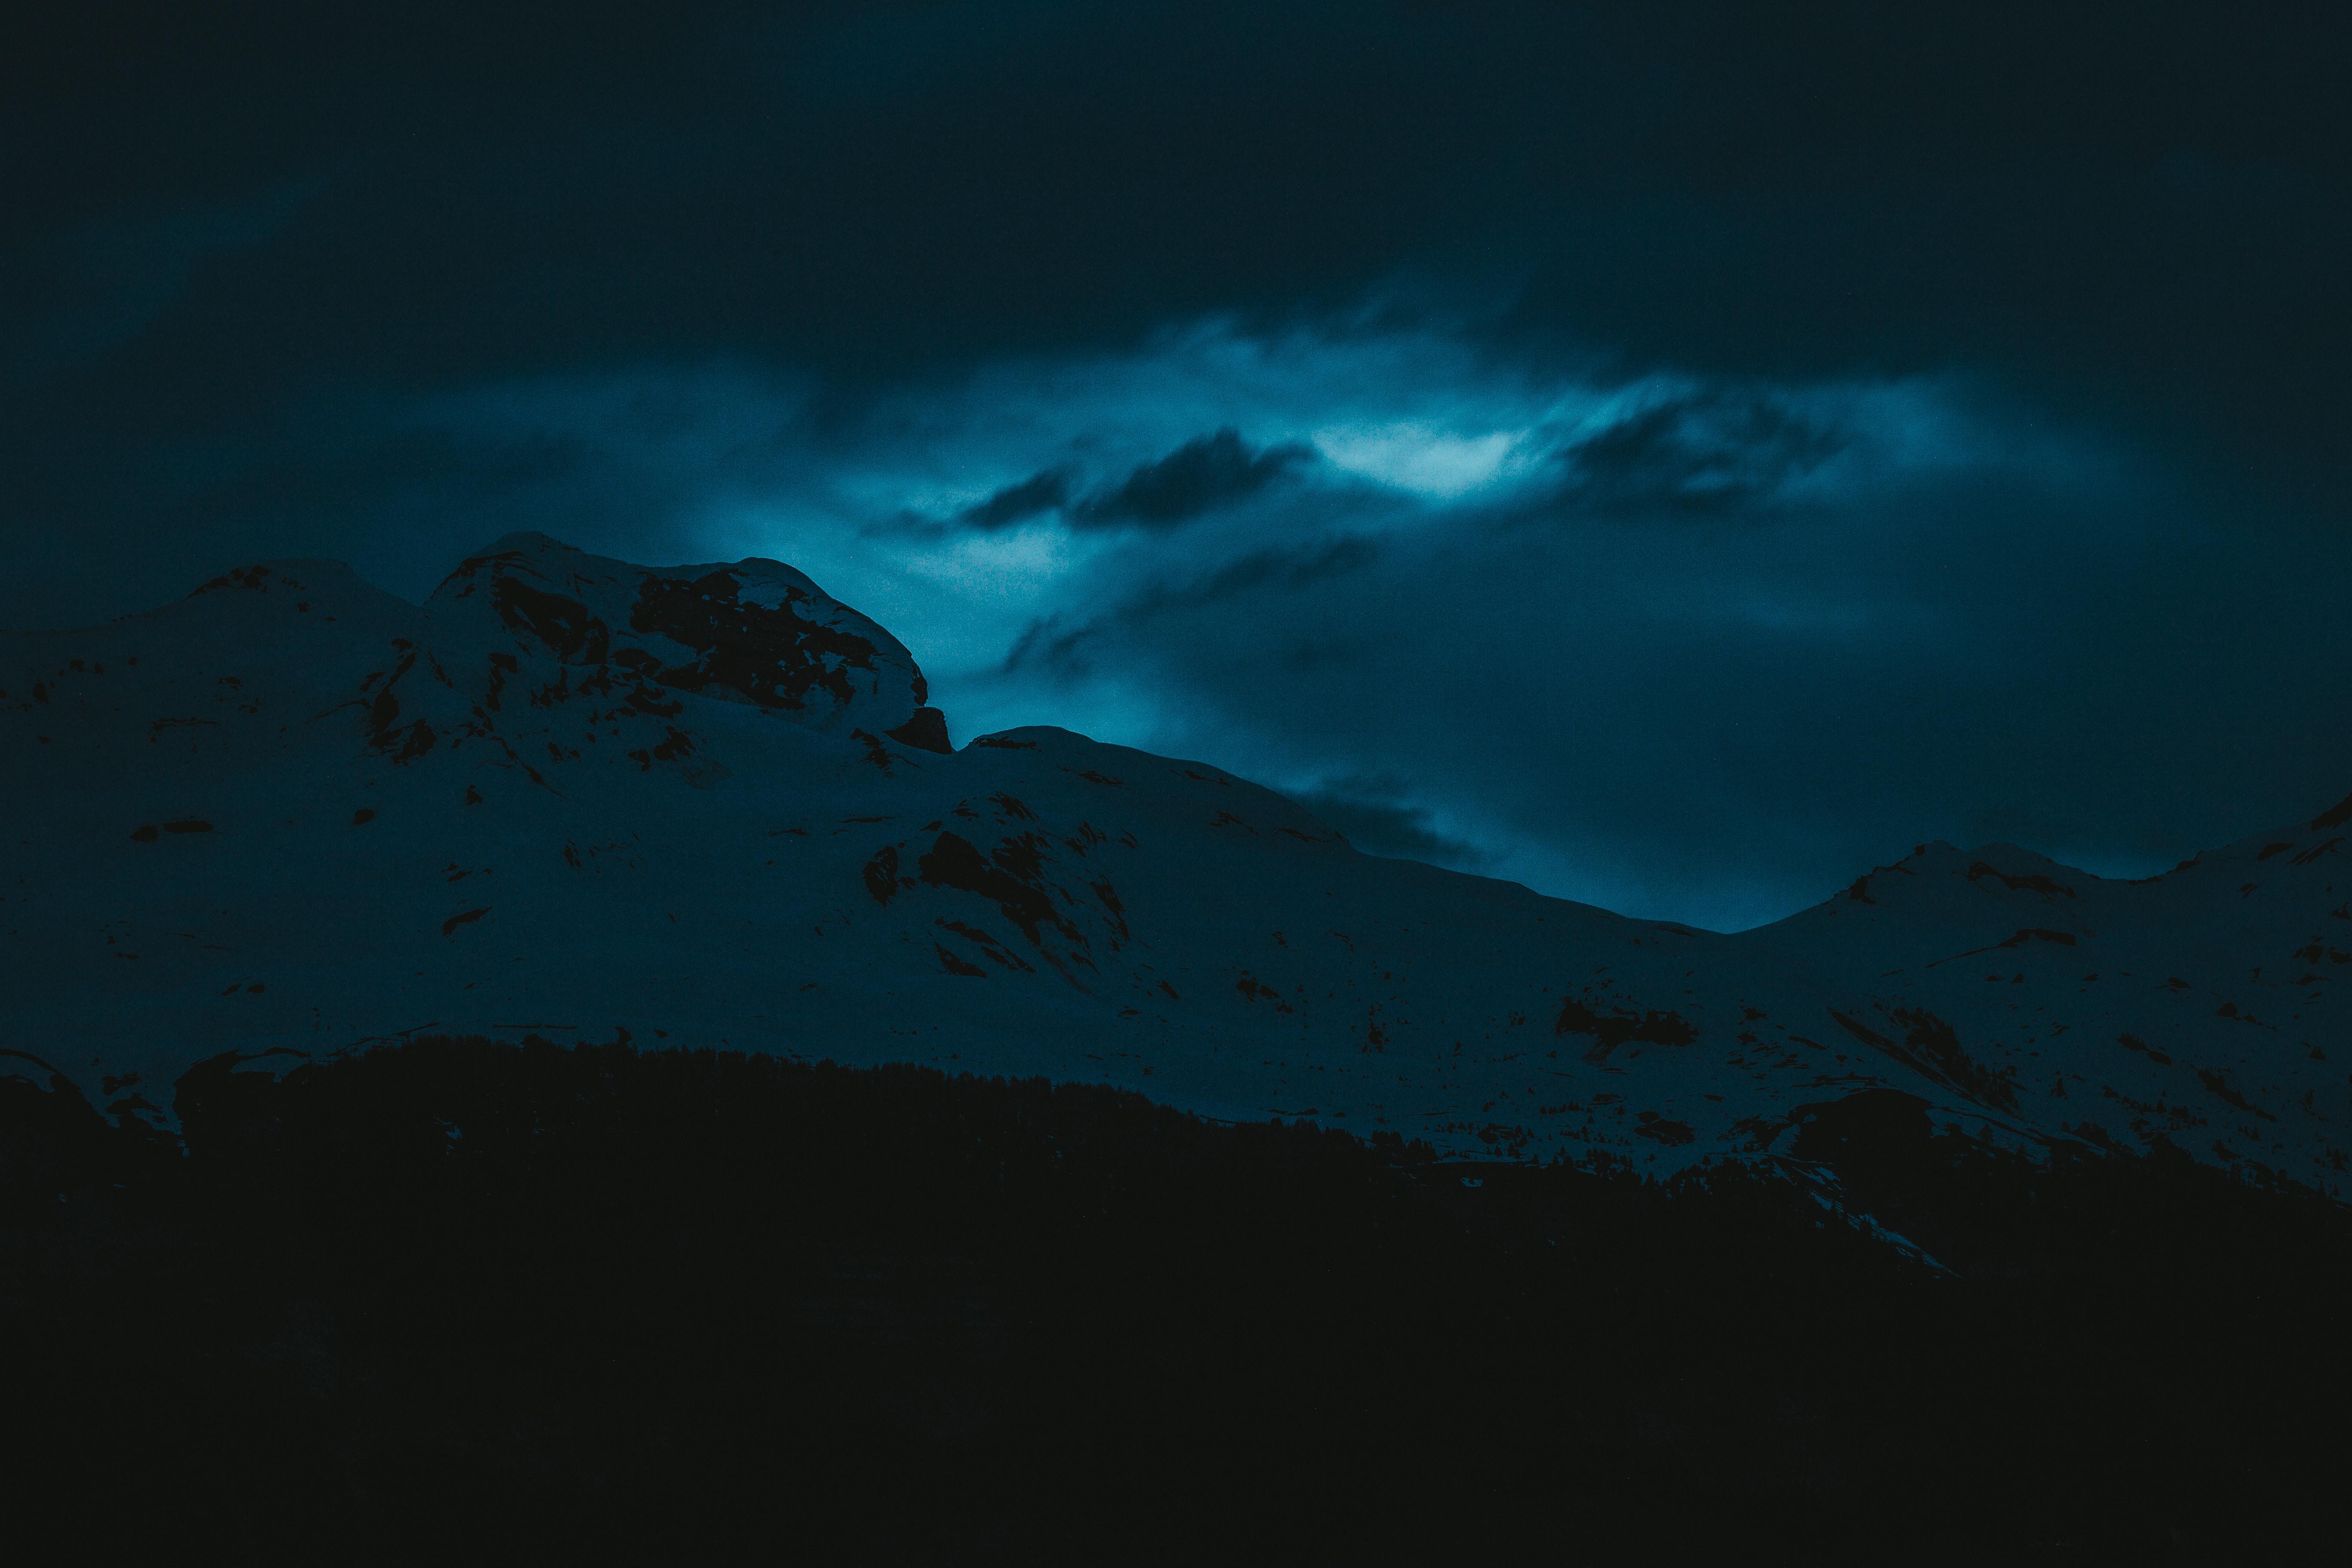 dark evening snow covered mountains 1574937669 - Dark Evening Snow Covered Mountains -